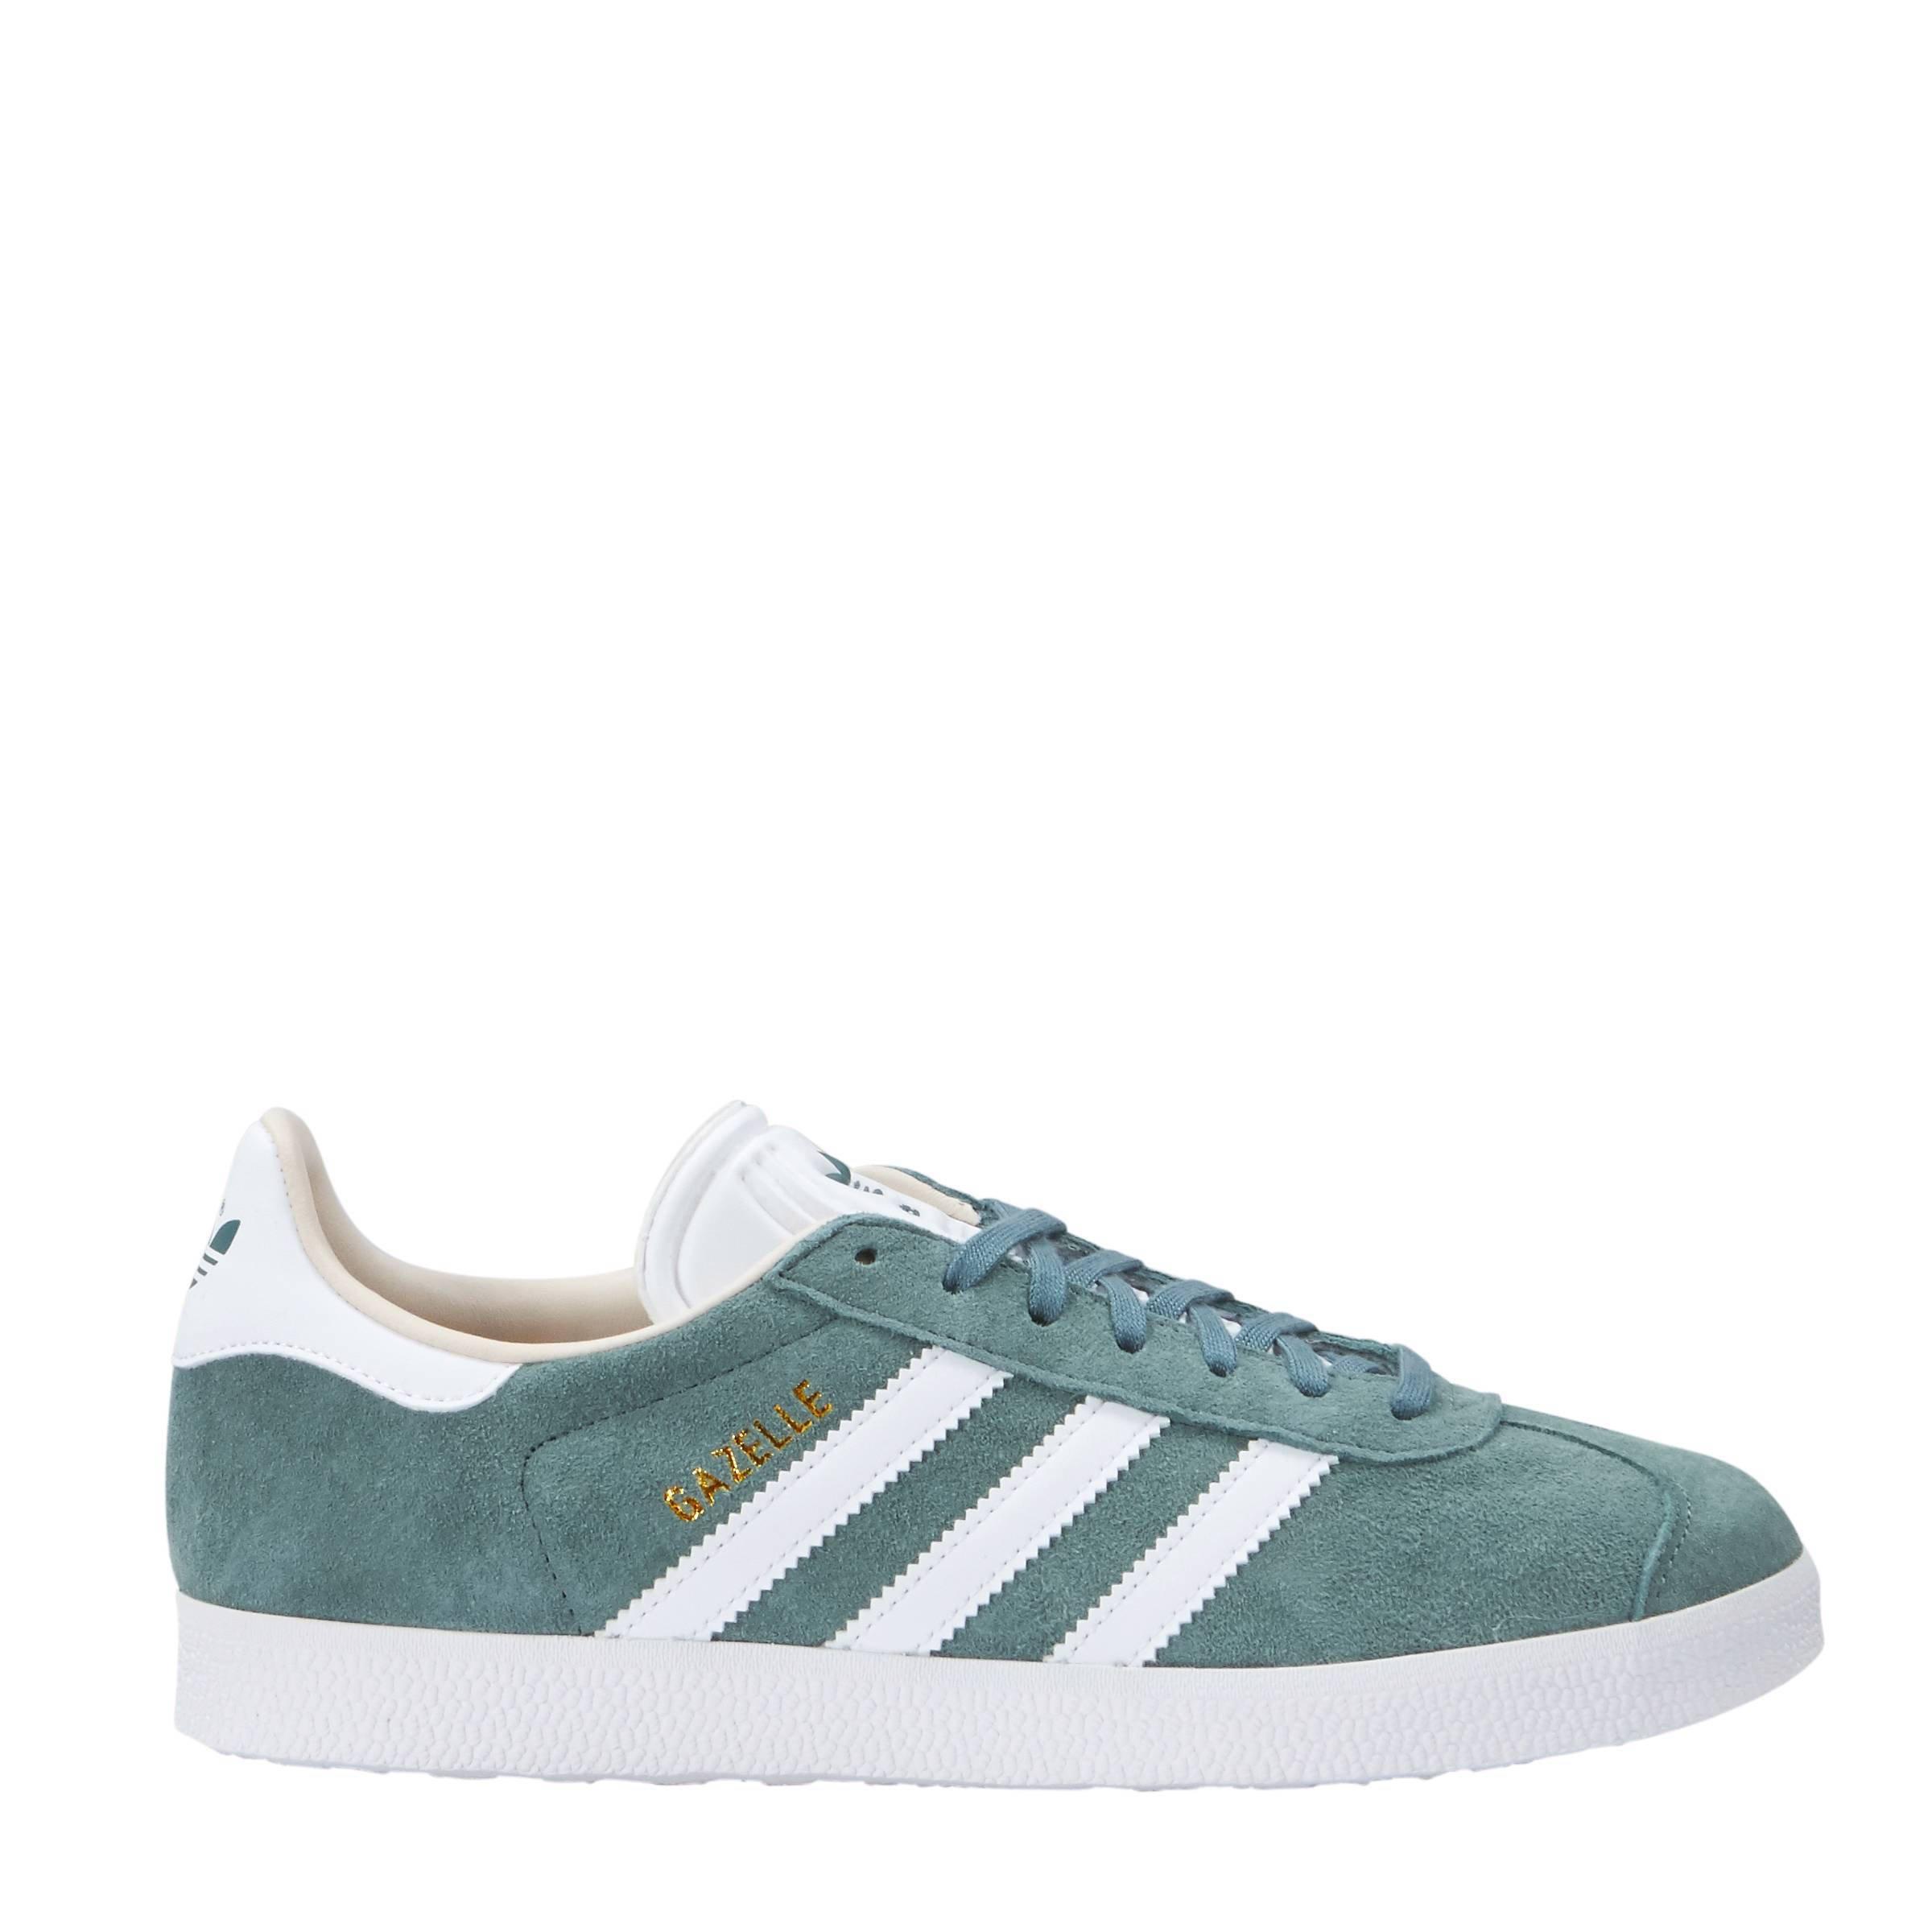 best website e1689 dcb0c adidas originals Gazelle sneakers groen  wehkamp